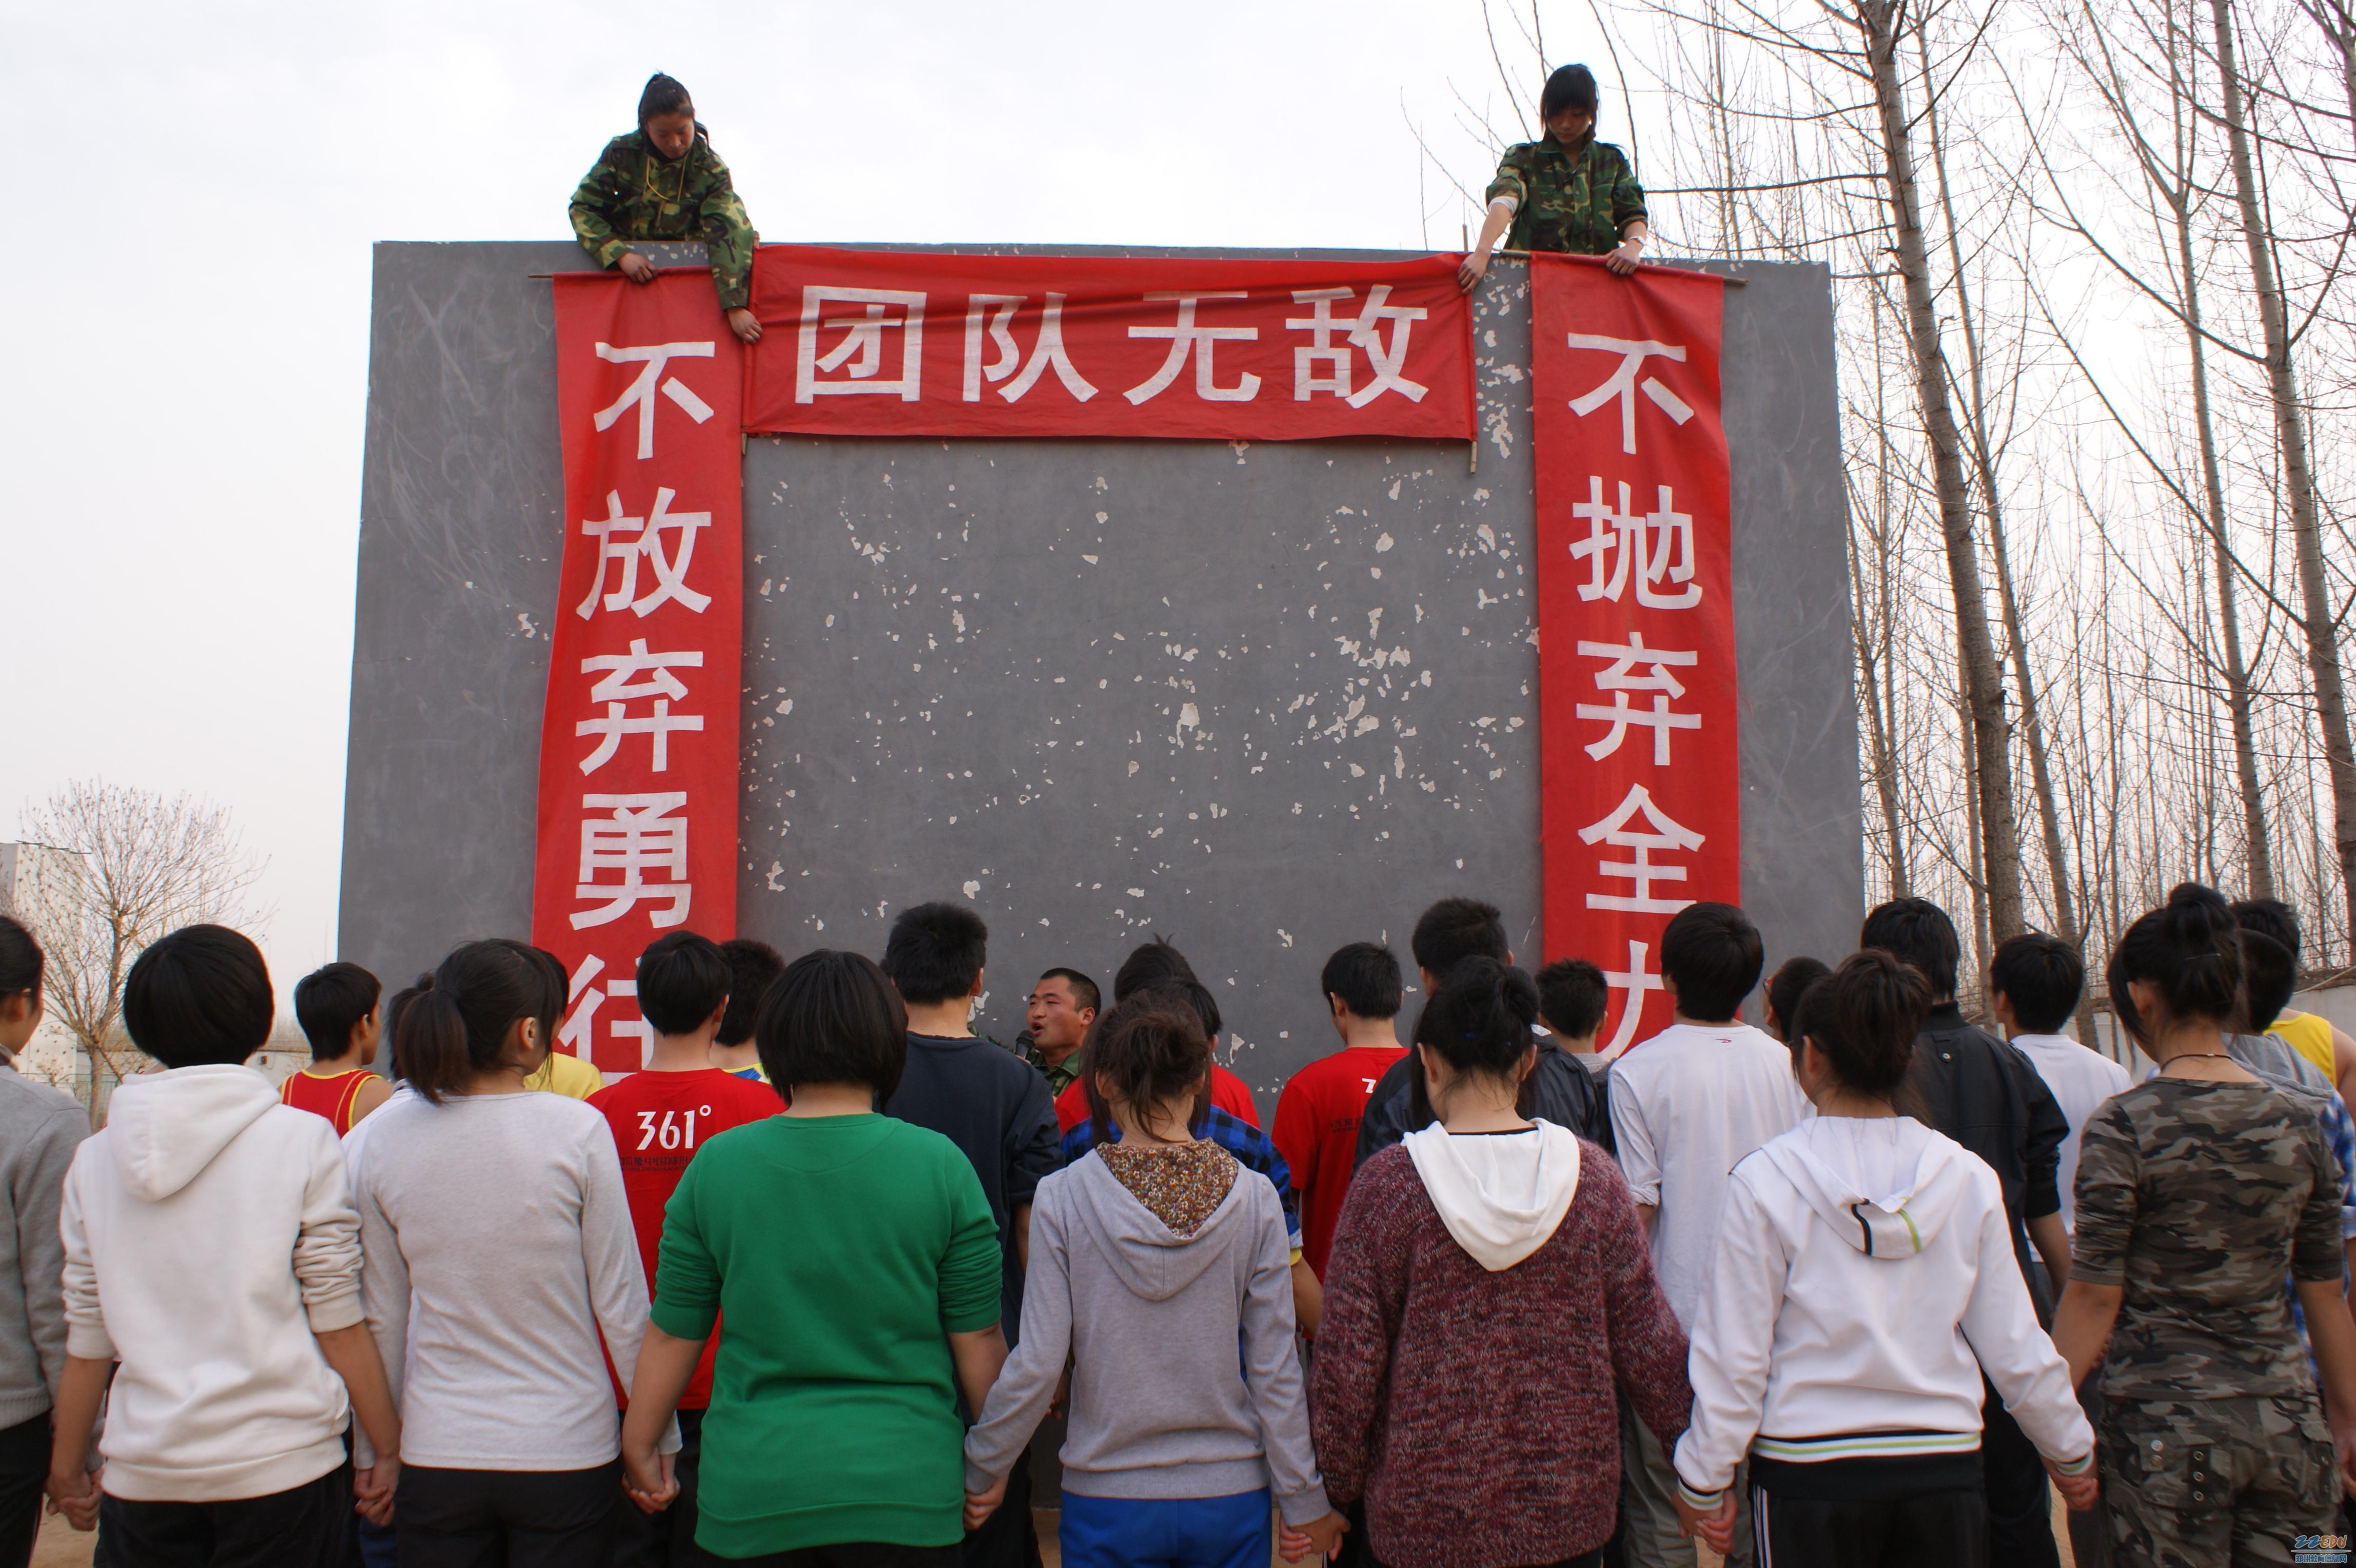 高二年级全体学生沐浴着初春的阳光,来到郑州八中综合实践基地,进行了